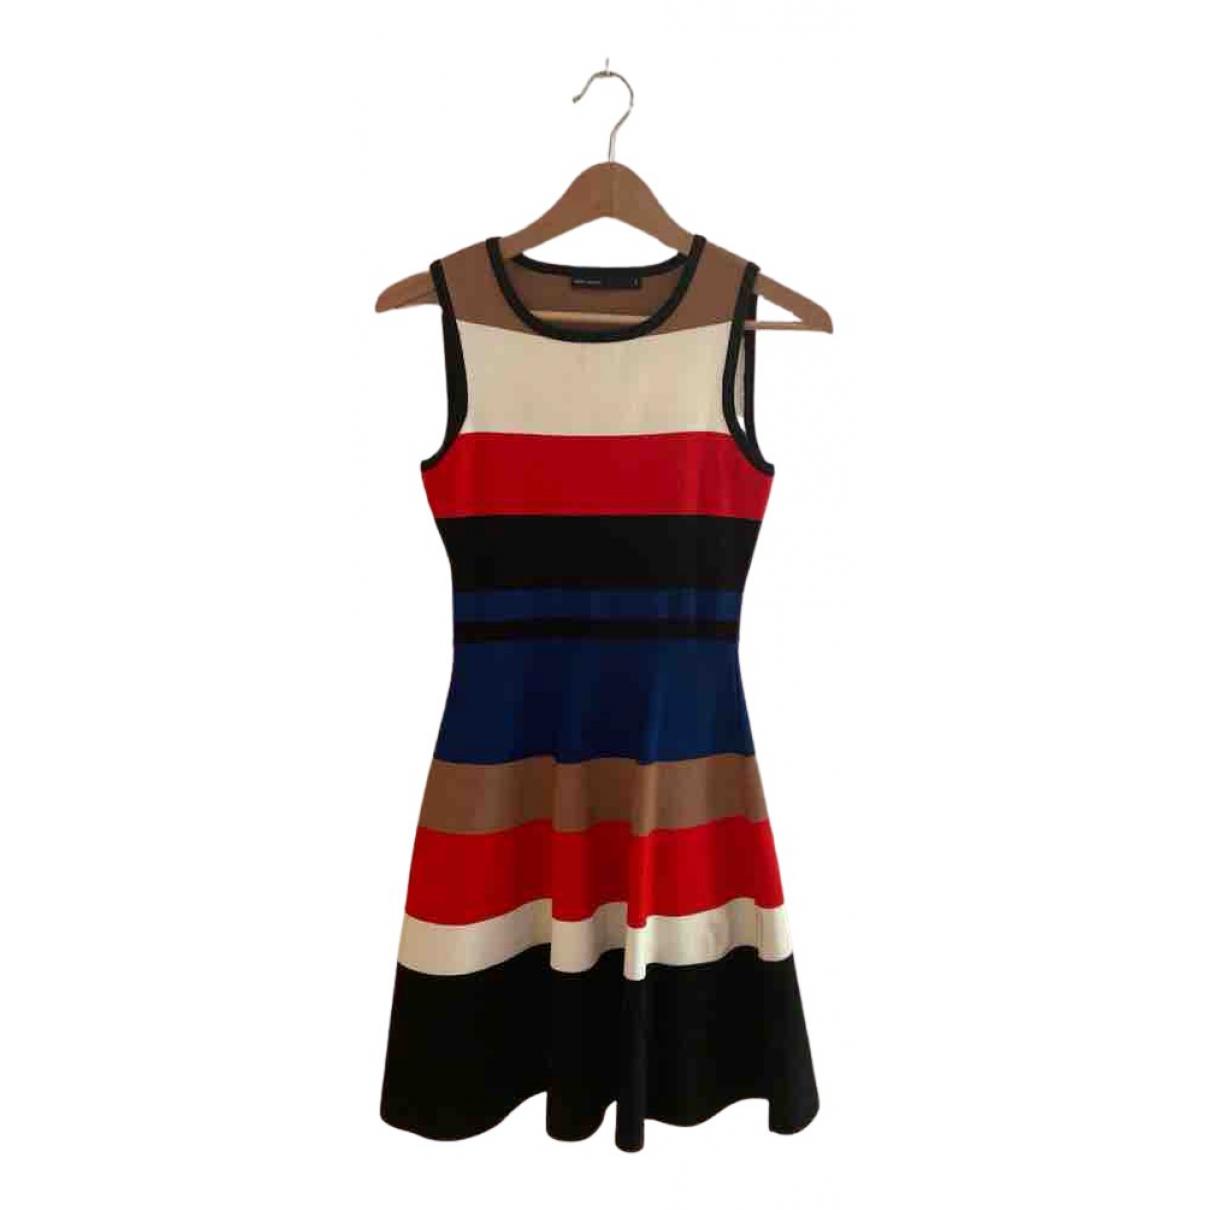 Karen Millen N Multicolour Cotton - elasthane dress for Women 36 FR